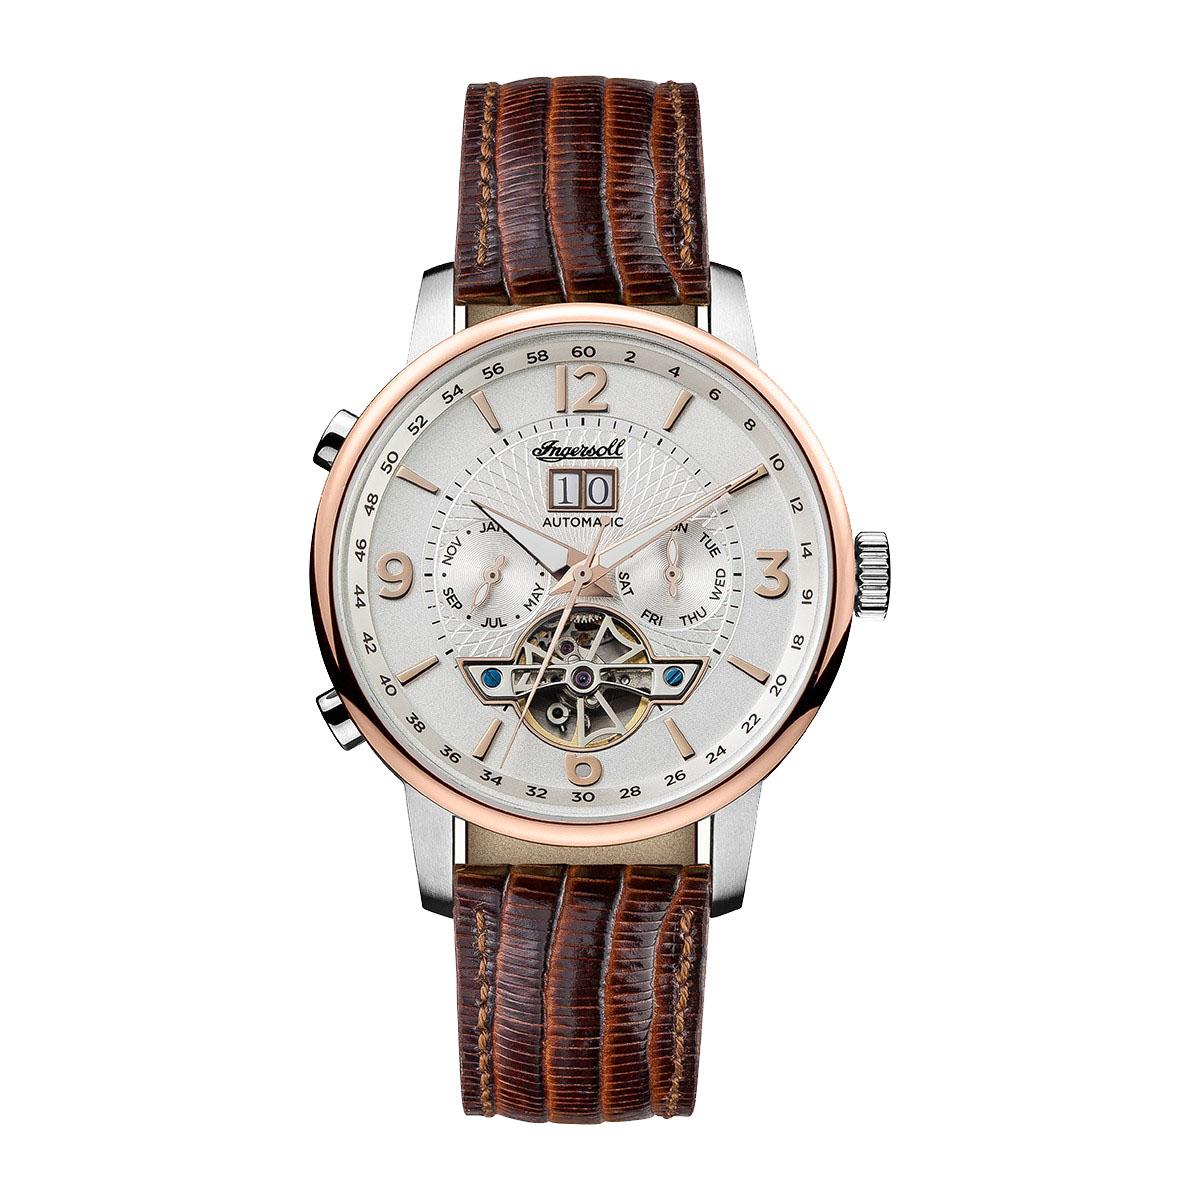 ساعت مچی عقربه ای مردانه اینگرسل مدل I00701 37